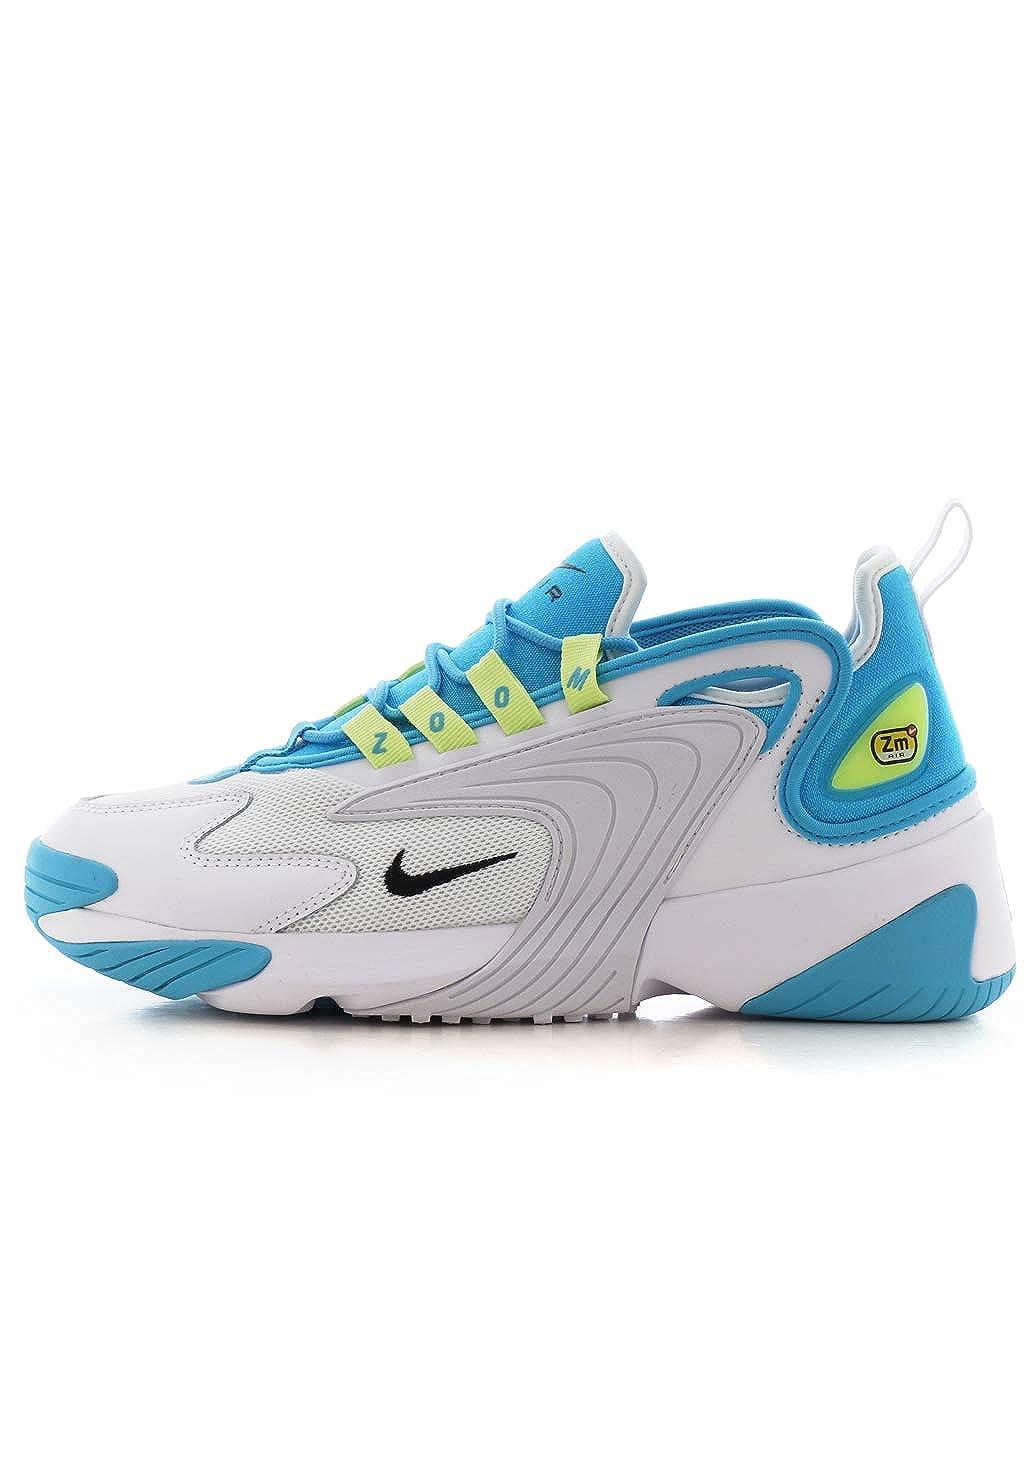 Verkaufsstelle Blau Fury schwarz Limelight 36.5 EU Nike